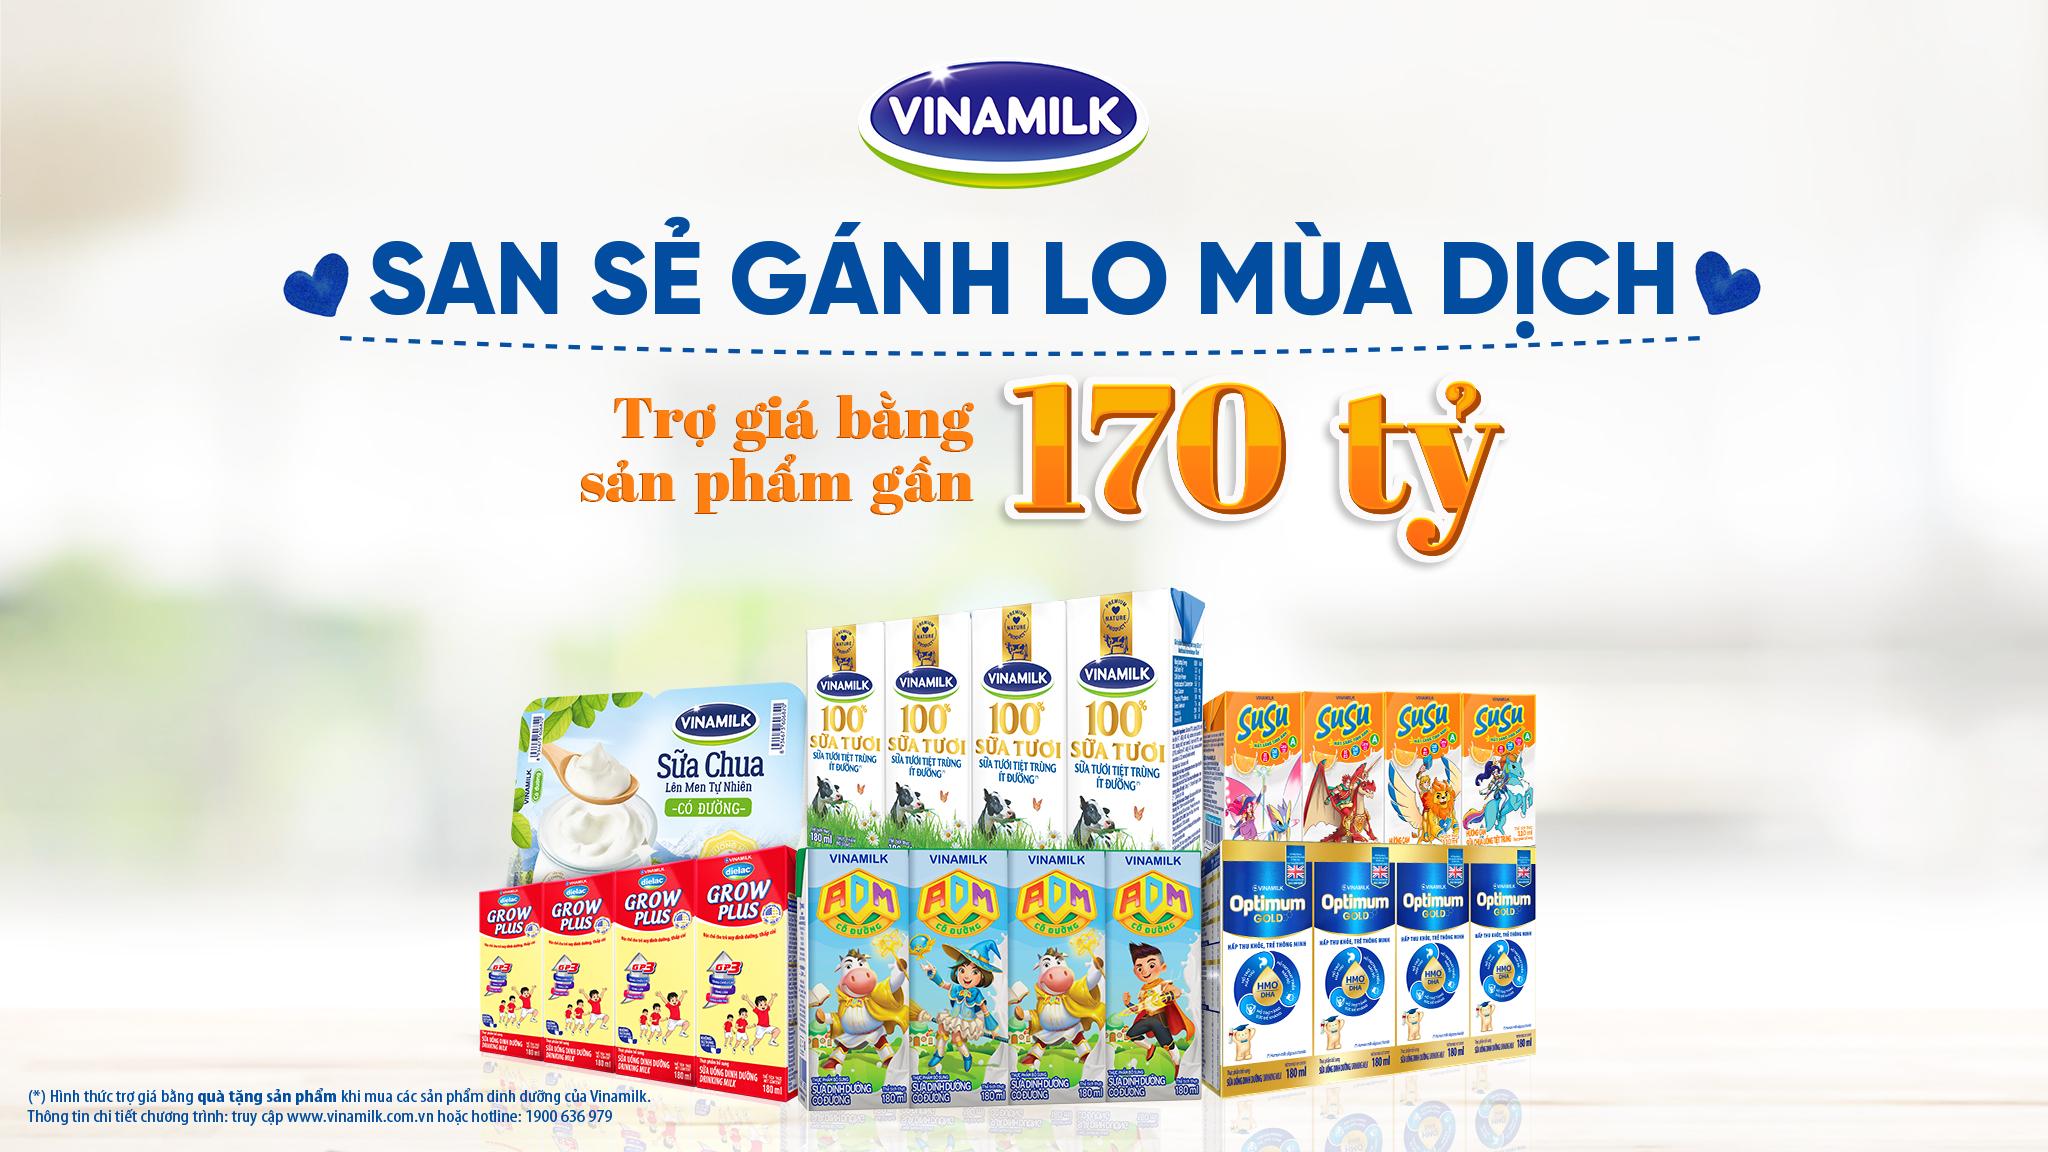 """Chương trình """"San sẻ gánh lo mùa dịch"""" được Vinamilk thực hiện trong tháng sinh nhật với mong muốn trao tặng món quà sức khỏe đến với người tiêu dùng cả nước"""